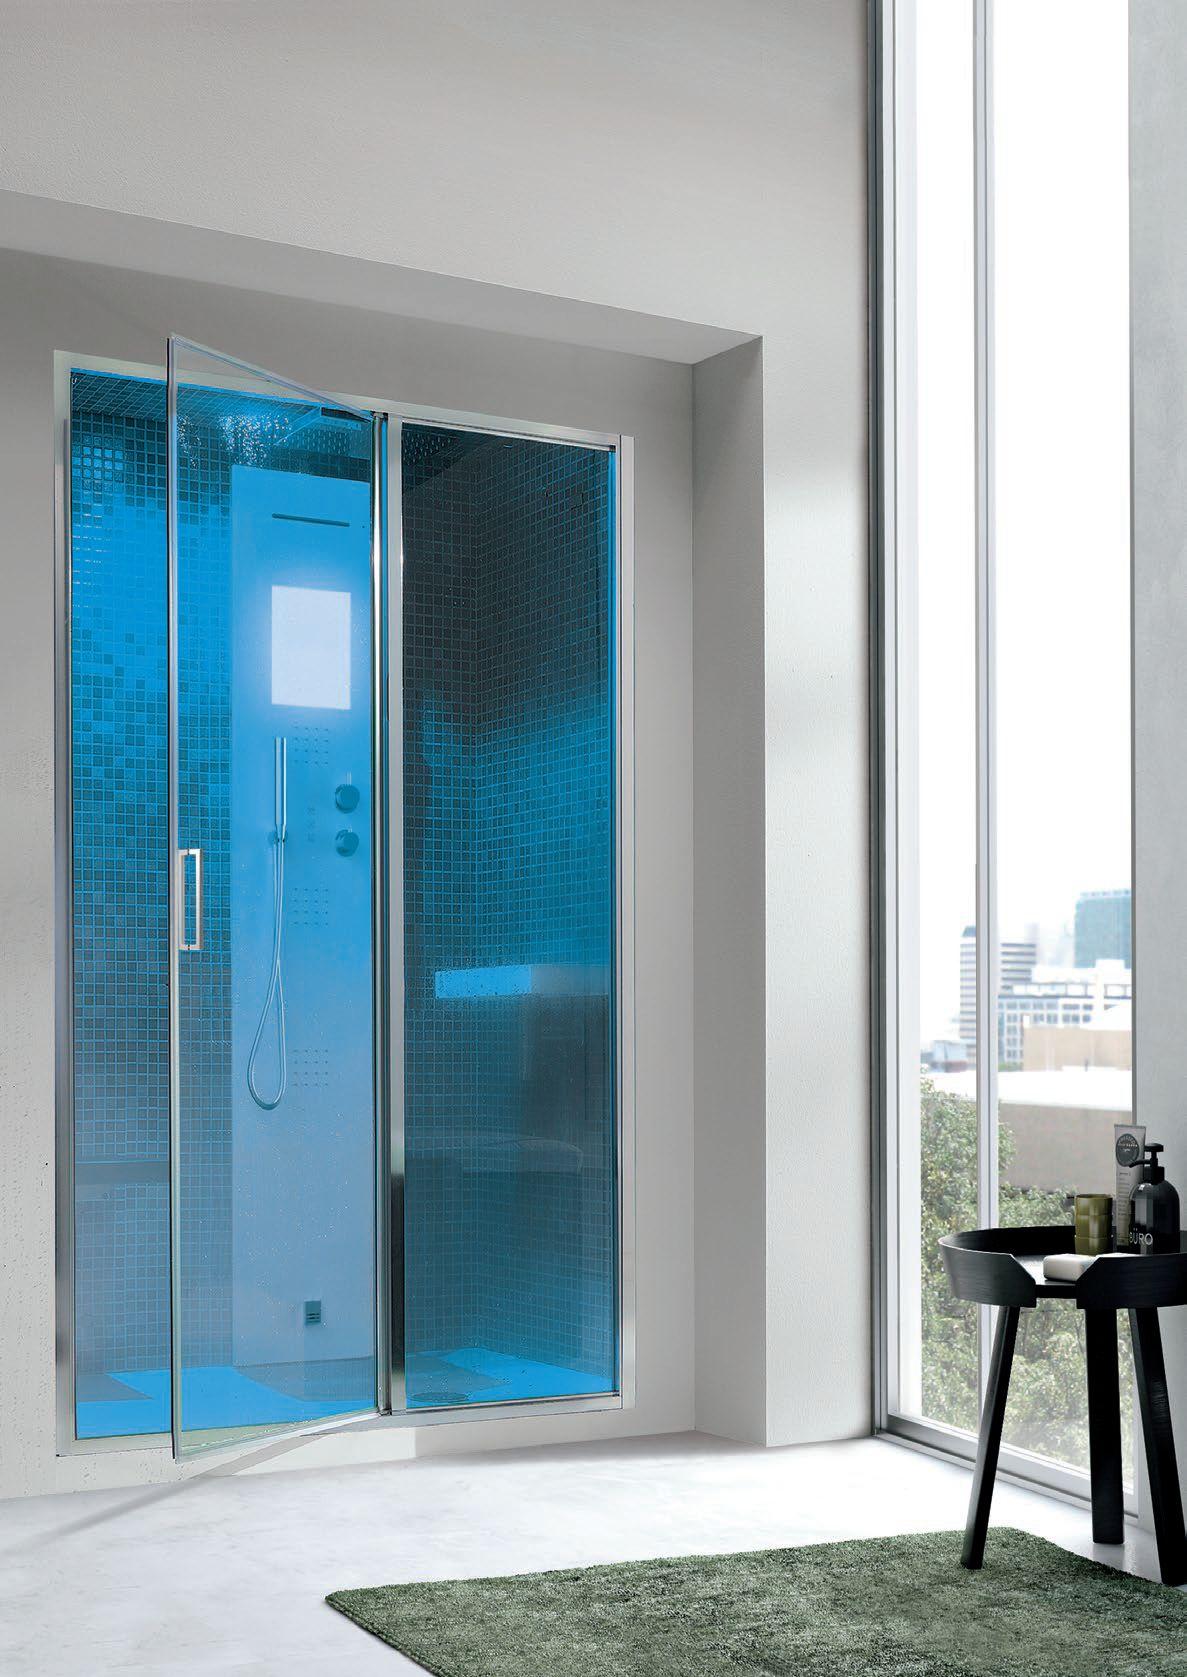 Full Size of Duschsäulen Dampfgenerator Fr Jedes Projekt Der Dampfdusche Einfach Dusche Duschsäulen